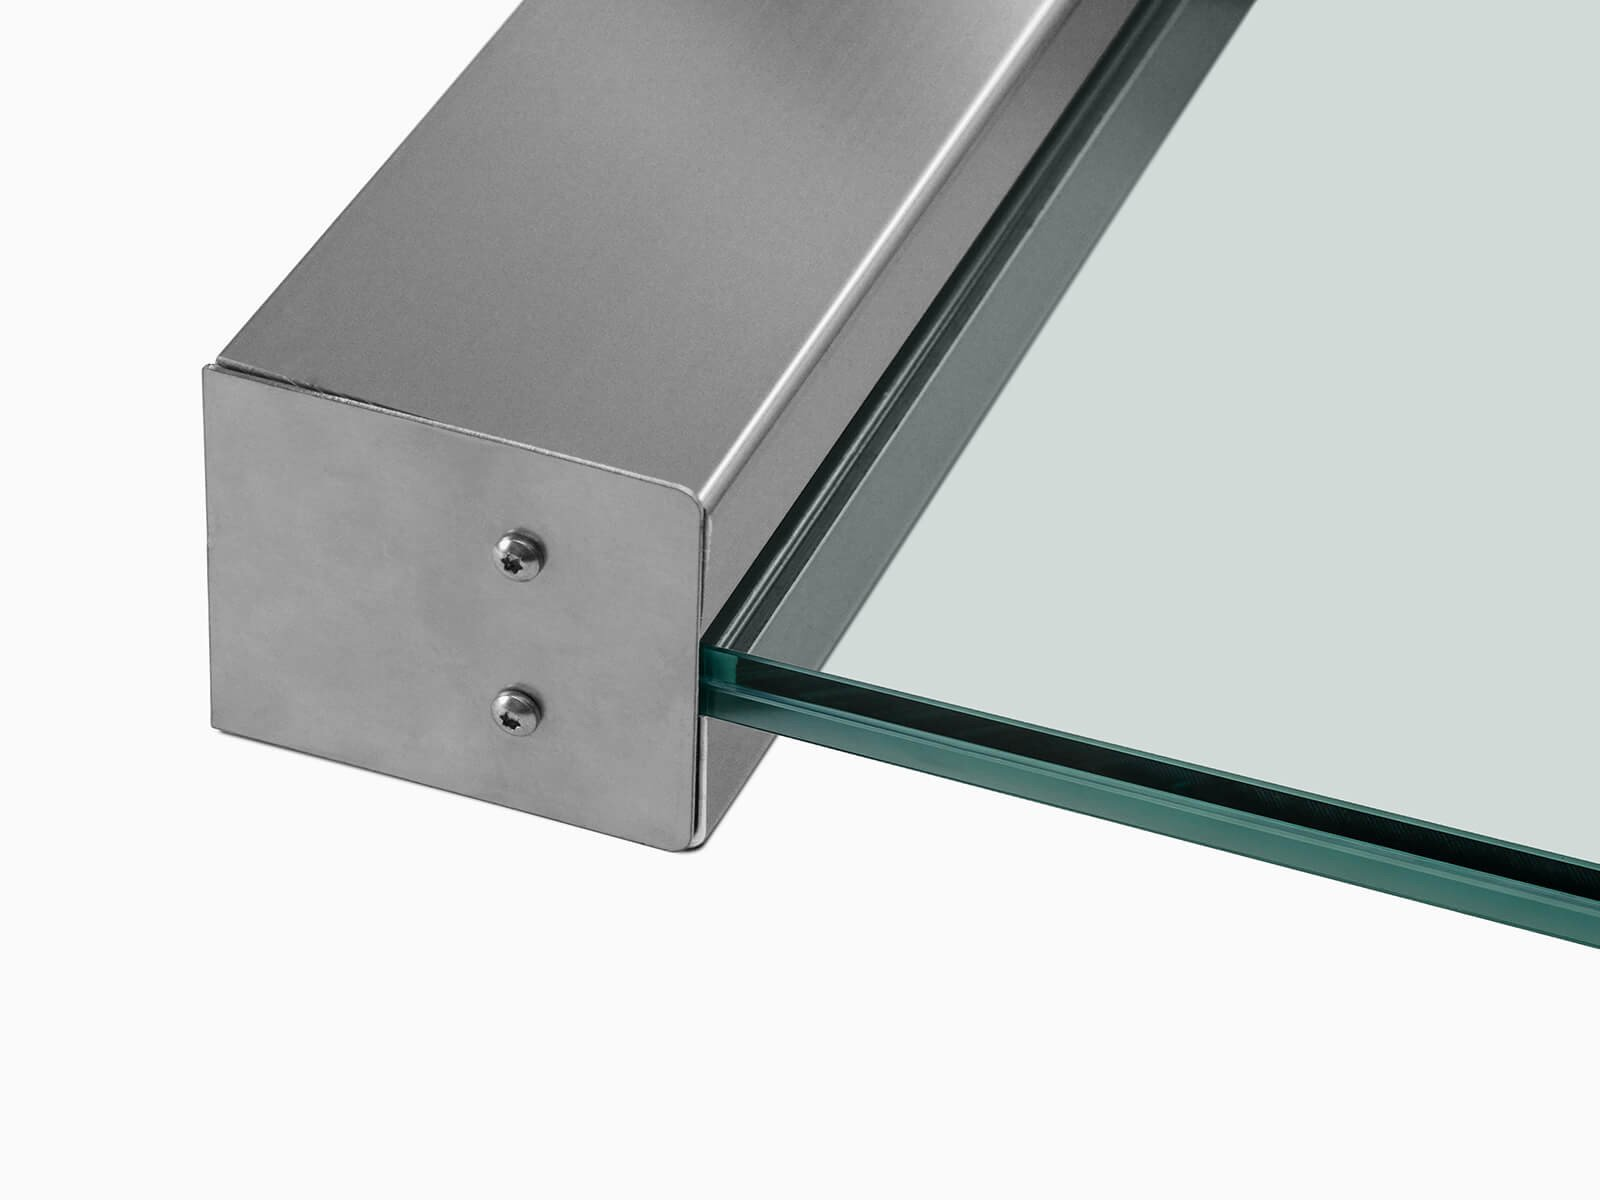 Individuelle Glas und Schrägschnitte beim Seitenwindschutz Blend